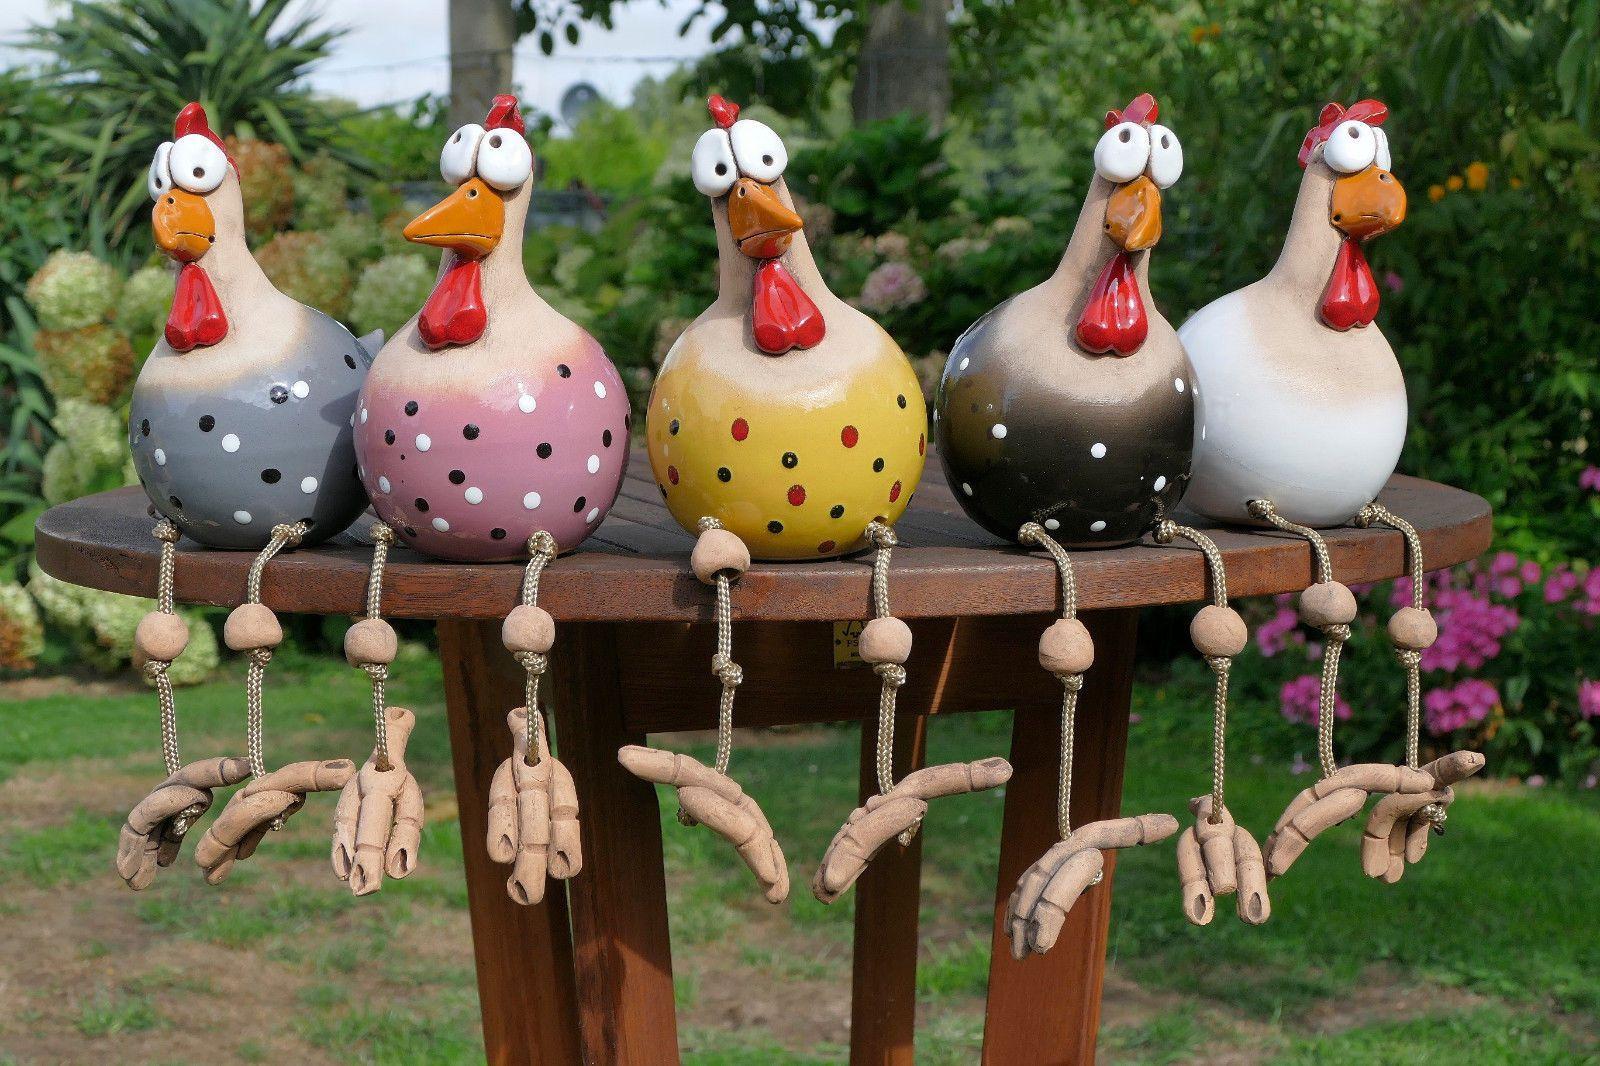 Keramik garten terrasse wetterfest vogel huhn for Gartenfiguren aus keramik